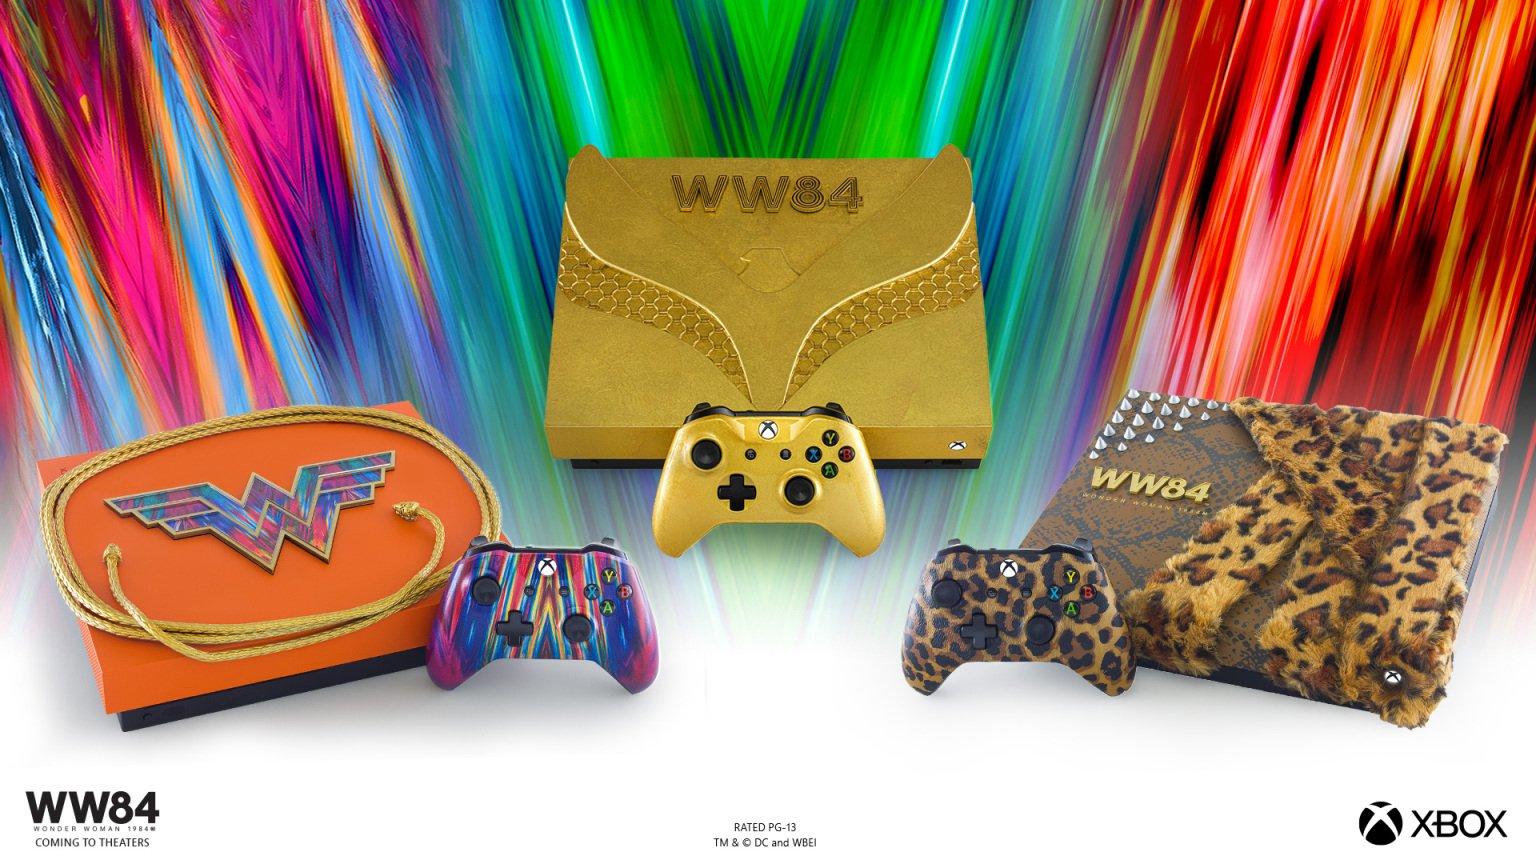 Xbox One X Wonder Woman 1984